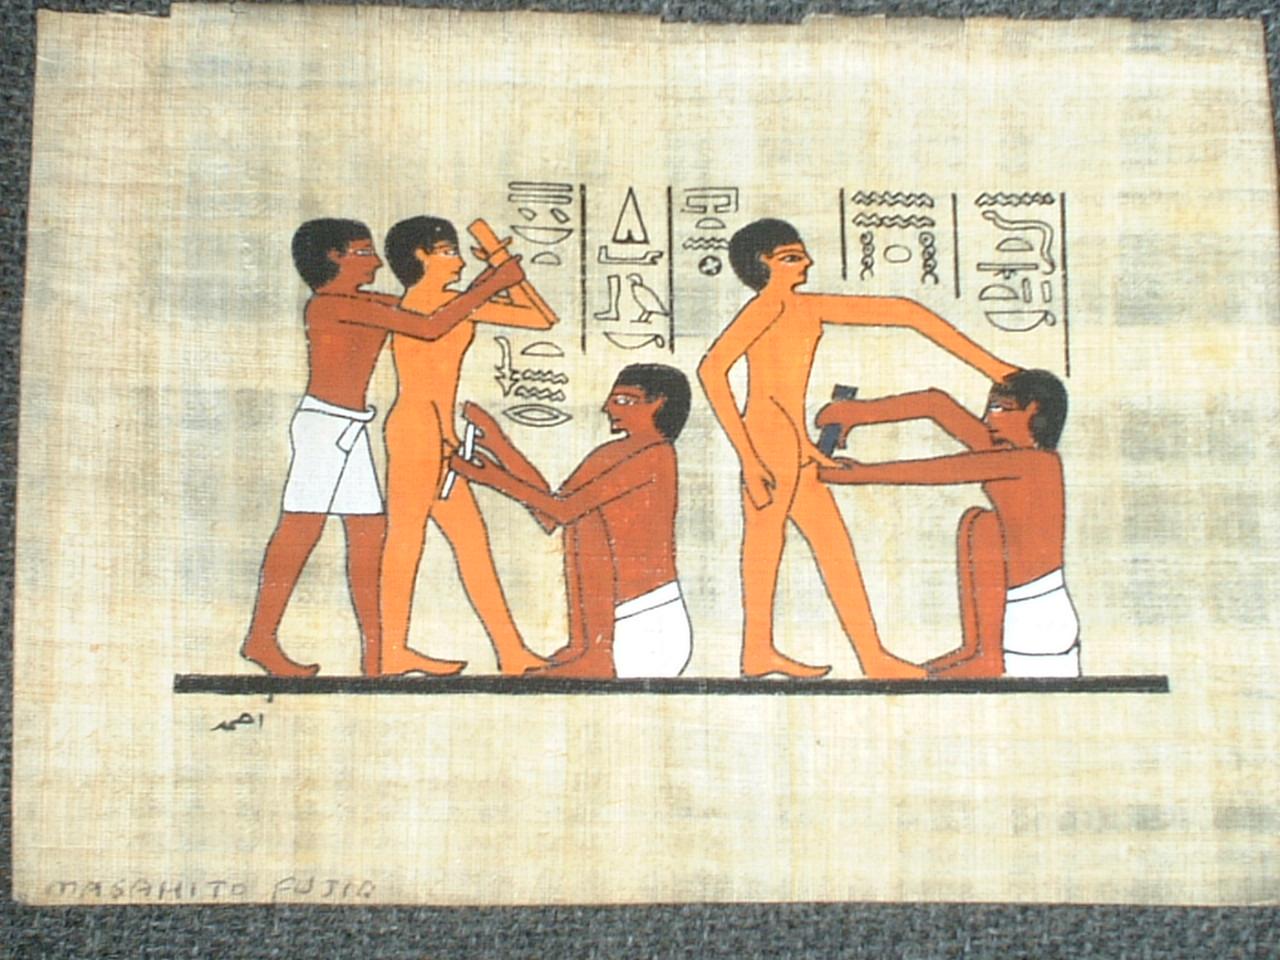 papyrusインターネット 聖書ばなし